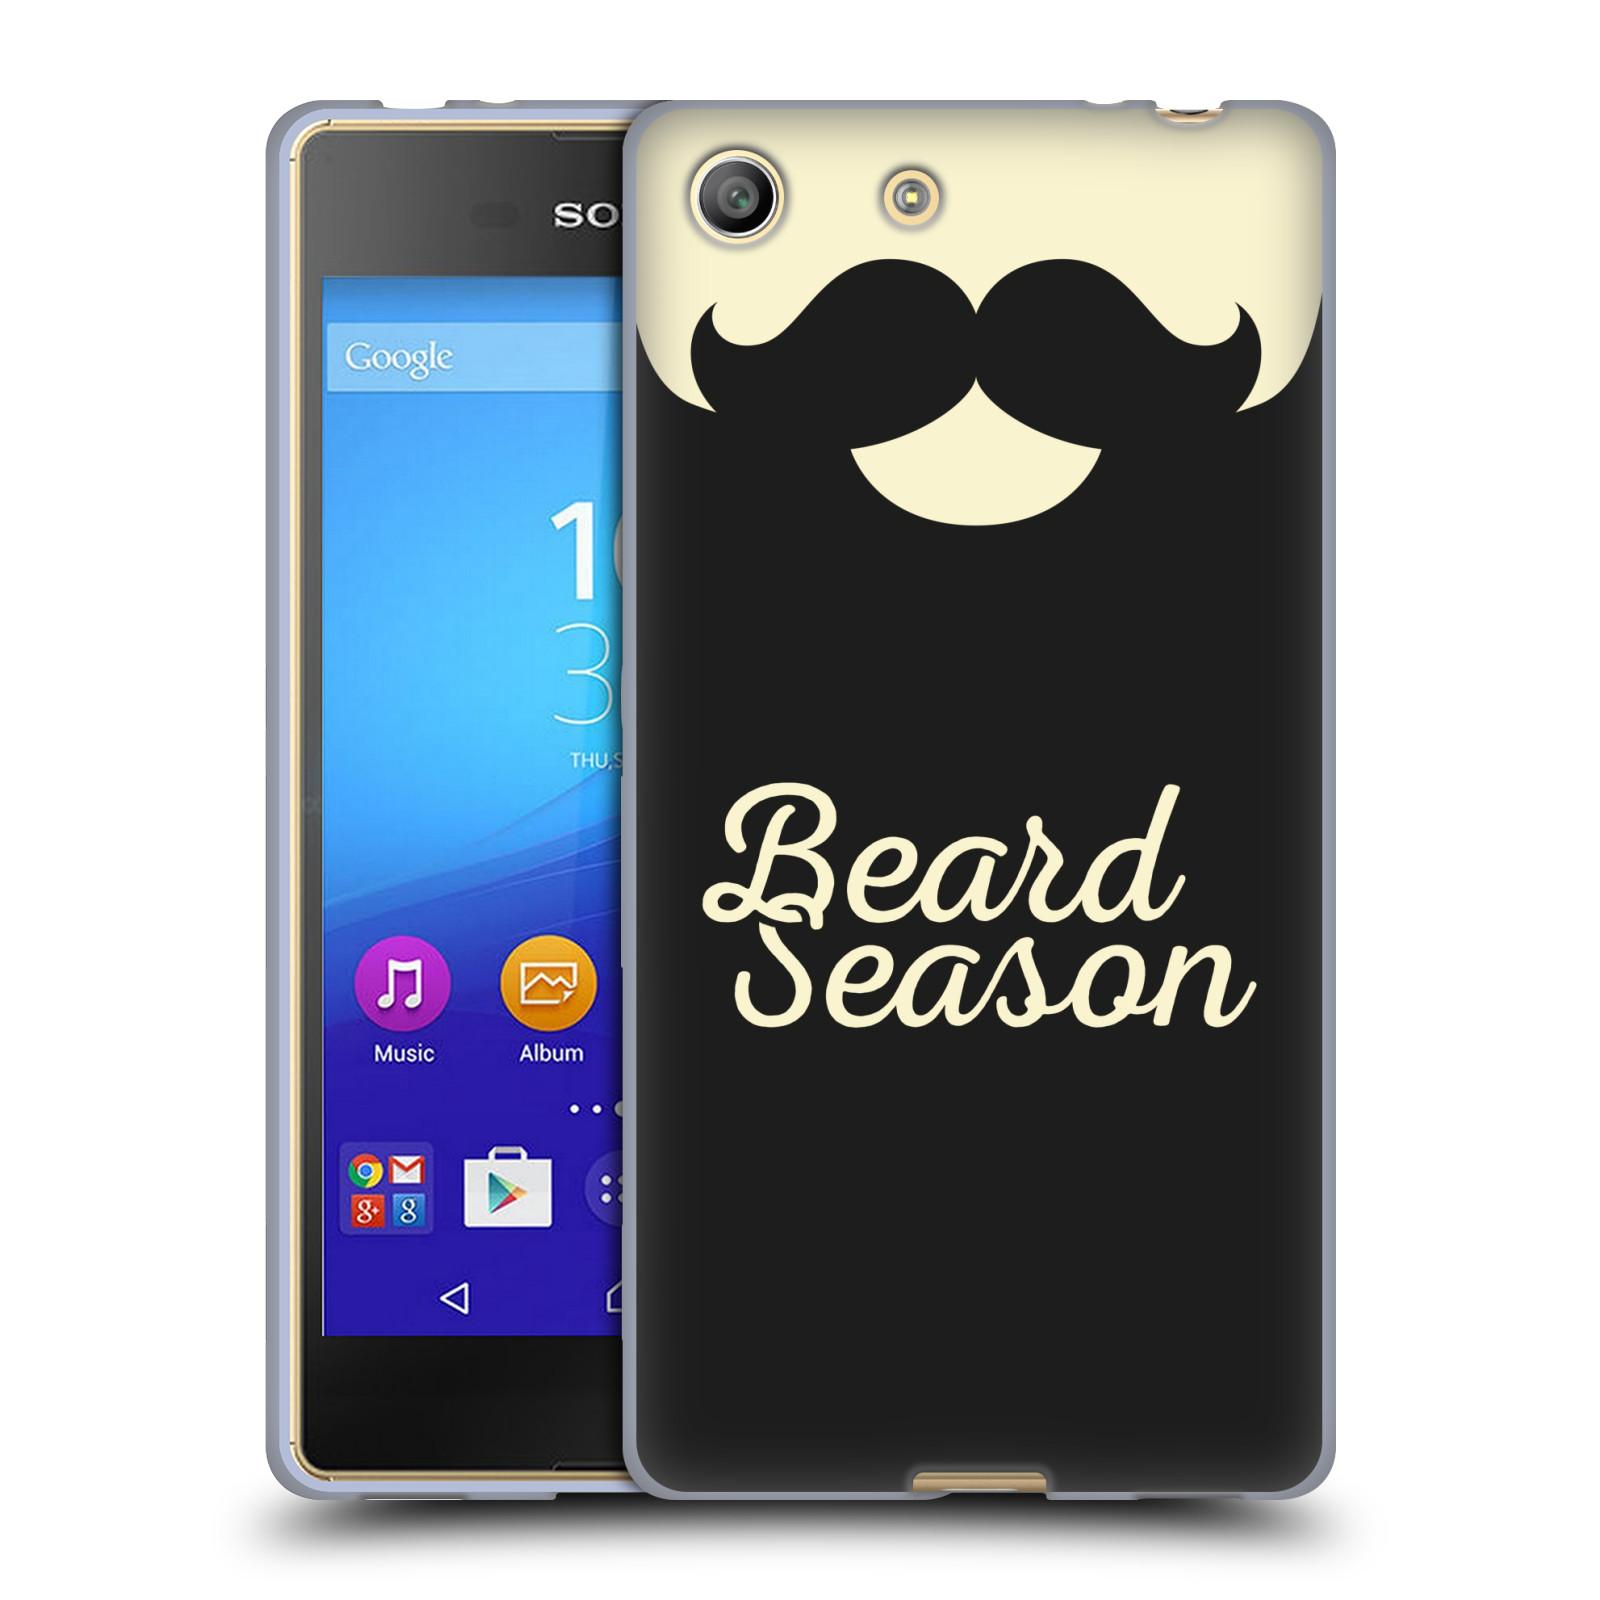 Silikonové pouzdro na mobil Sony Xperia M5 HEAD CASE KNÍR BEARD SEASON (Silikonový kryt či obal na mobilní telefon Sony Xperia M5 Dual SIM / Aqua)